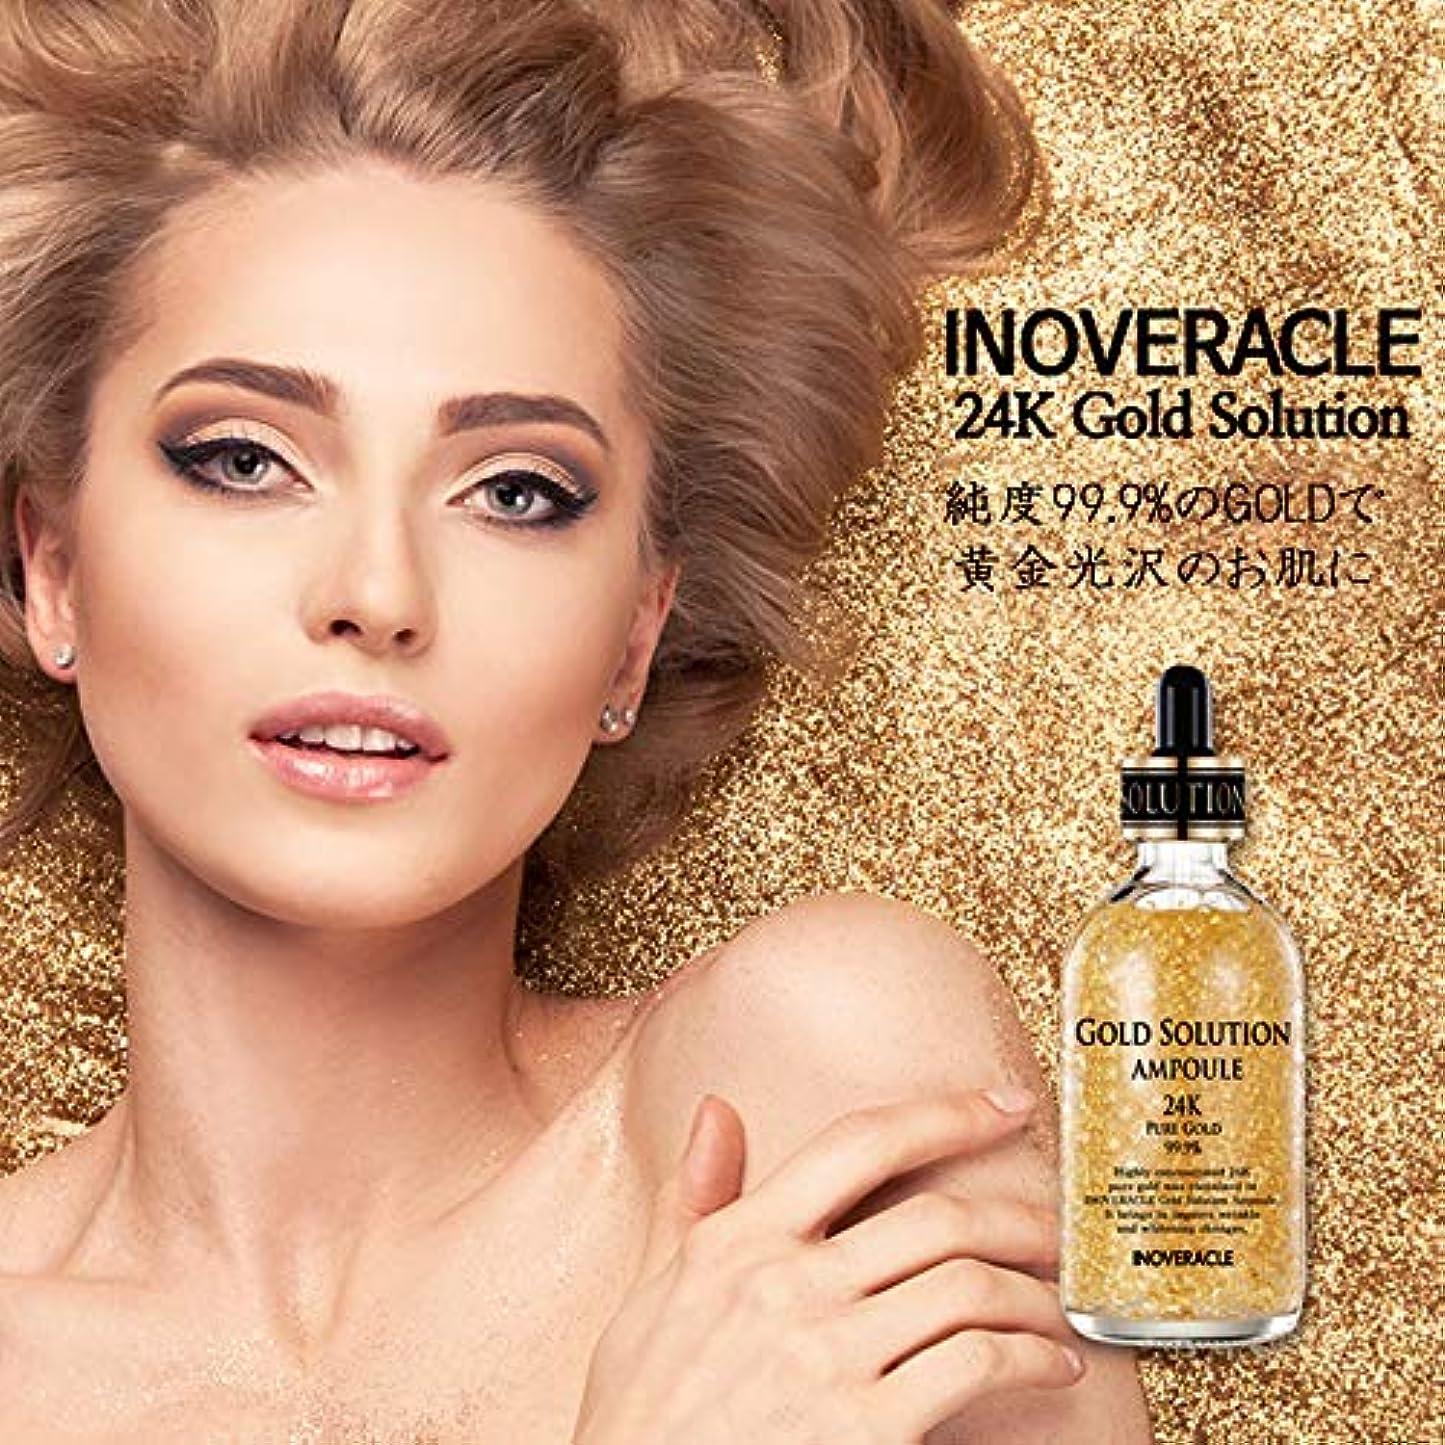 カスケードドア多様なINOVERACLE GOLD SOLUTION AMPOULE 24K 99.9% 純金 アンプル 100ml 美容液 スキンケア 韓国化粧品 光沢お肌 美白美容液